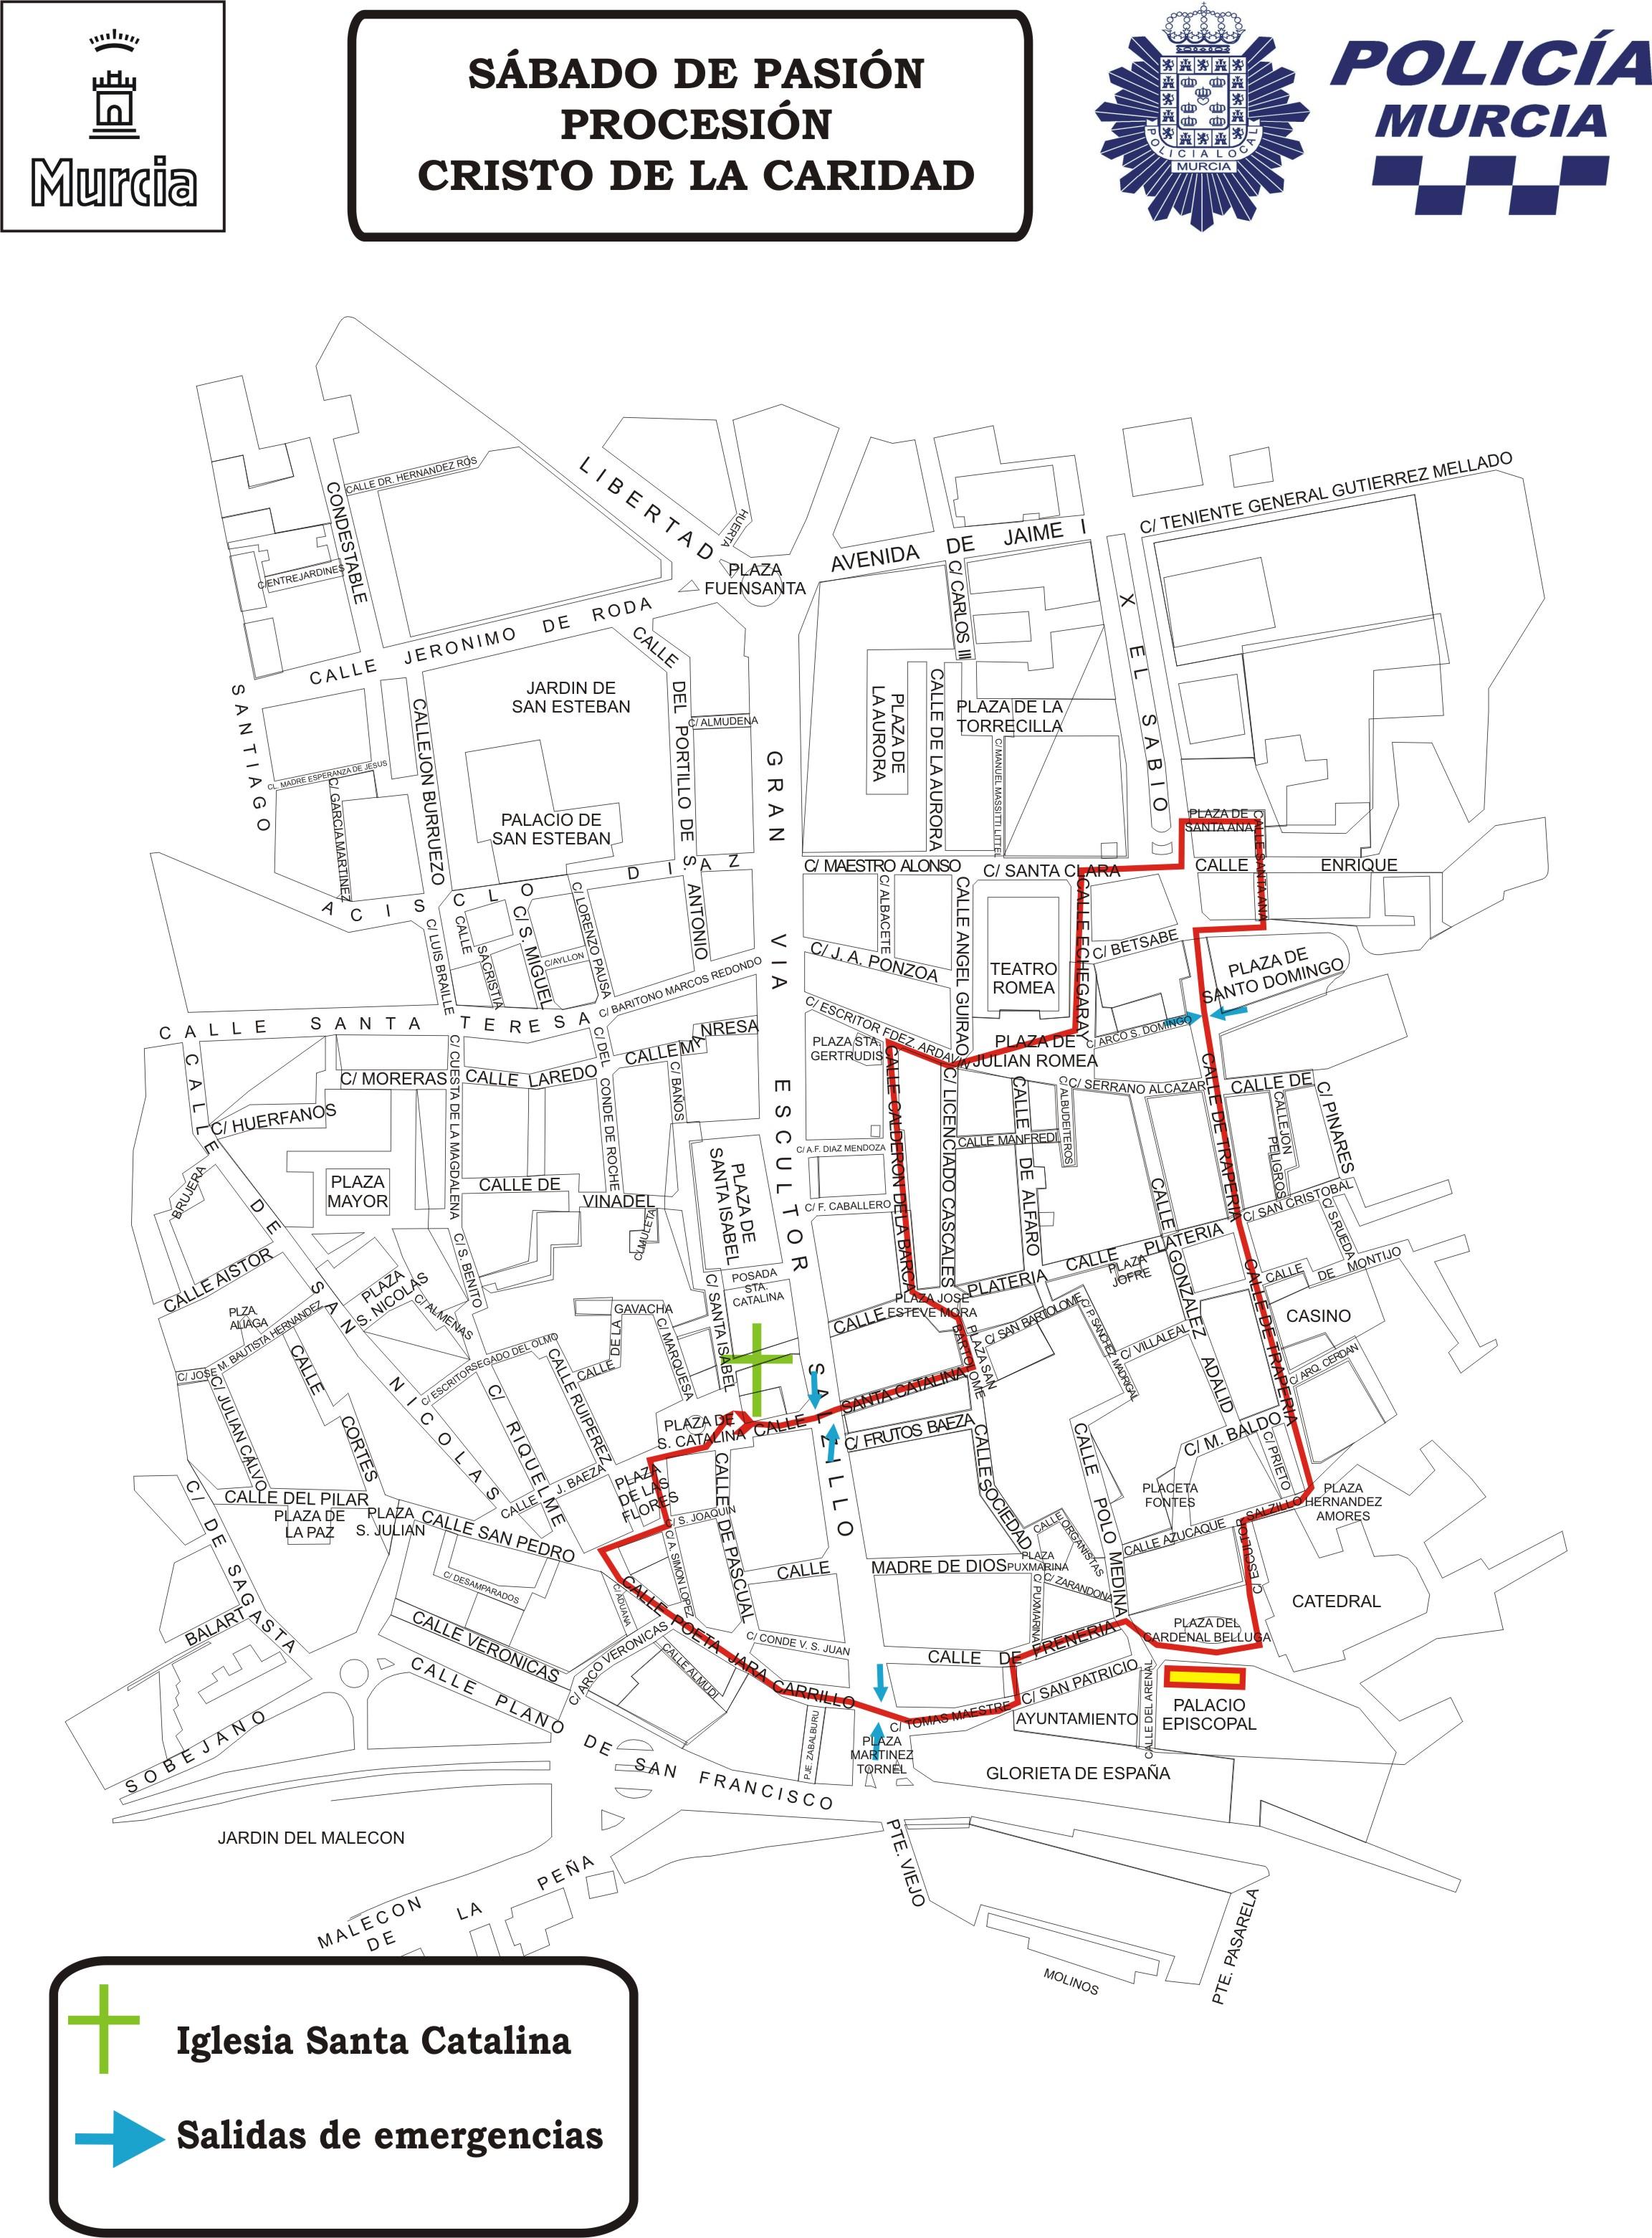 Plano con el recorrido de la procesión y salidas de emergencia